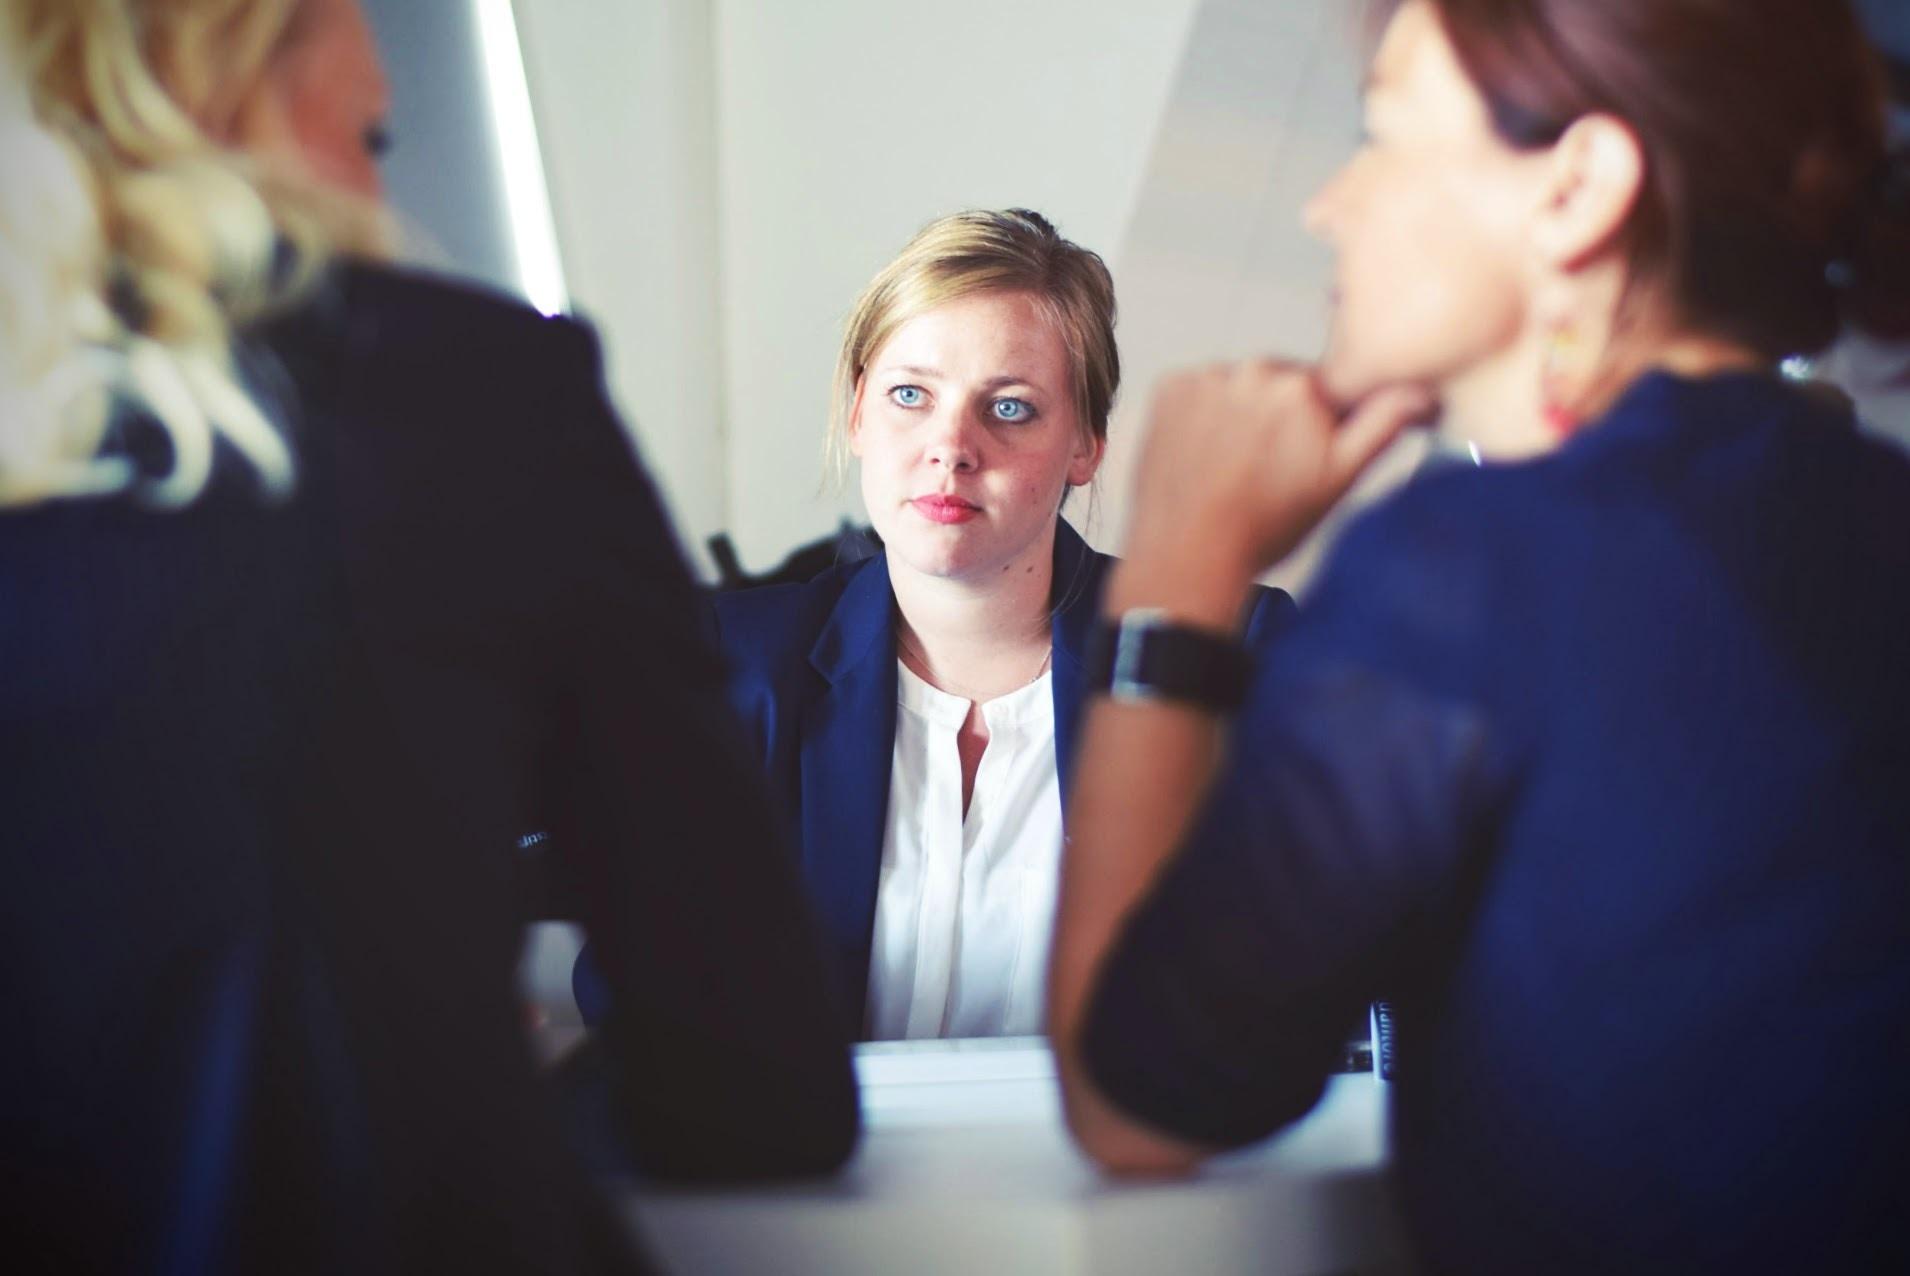 entretien d'embauche anglais questions